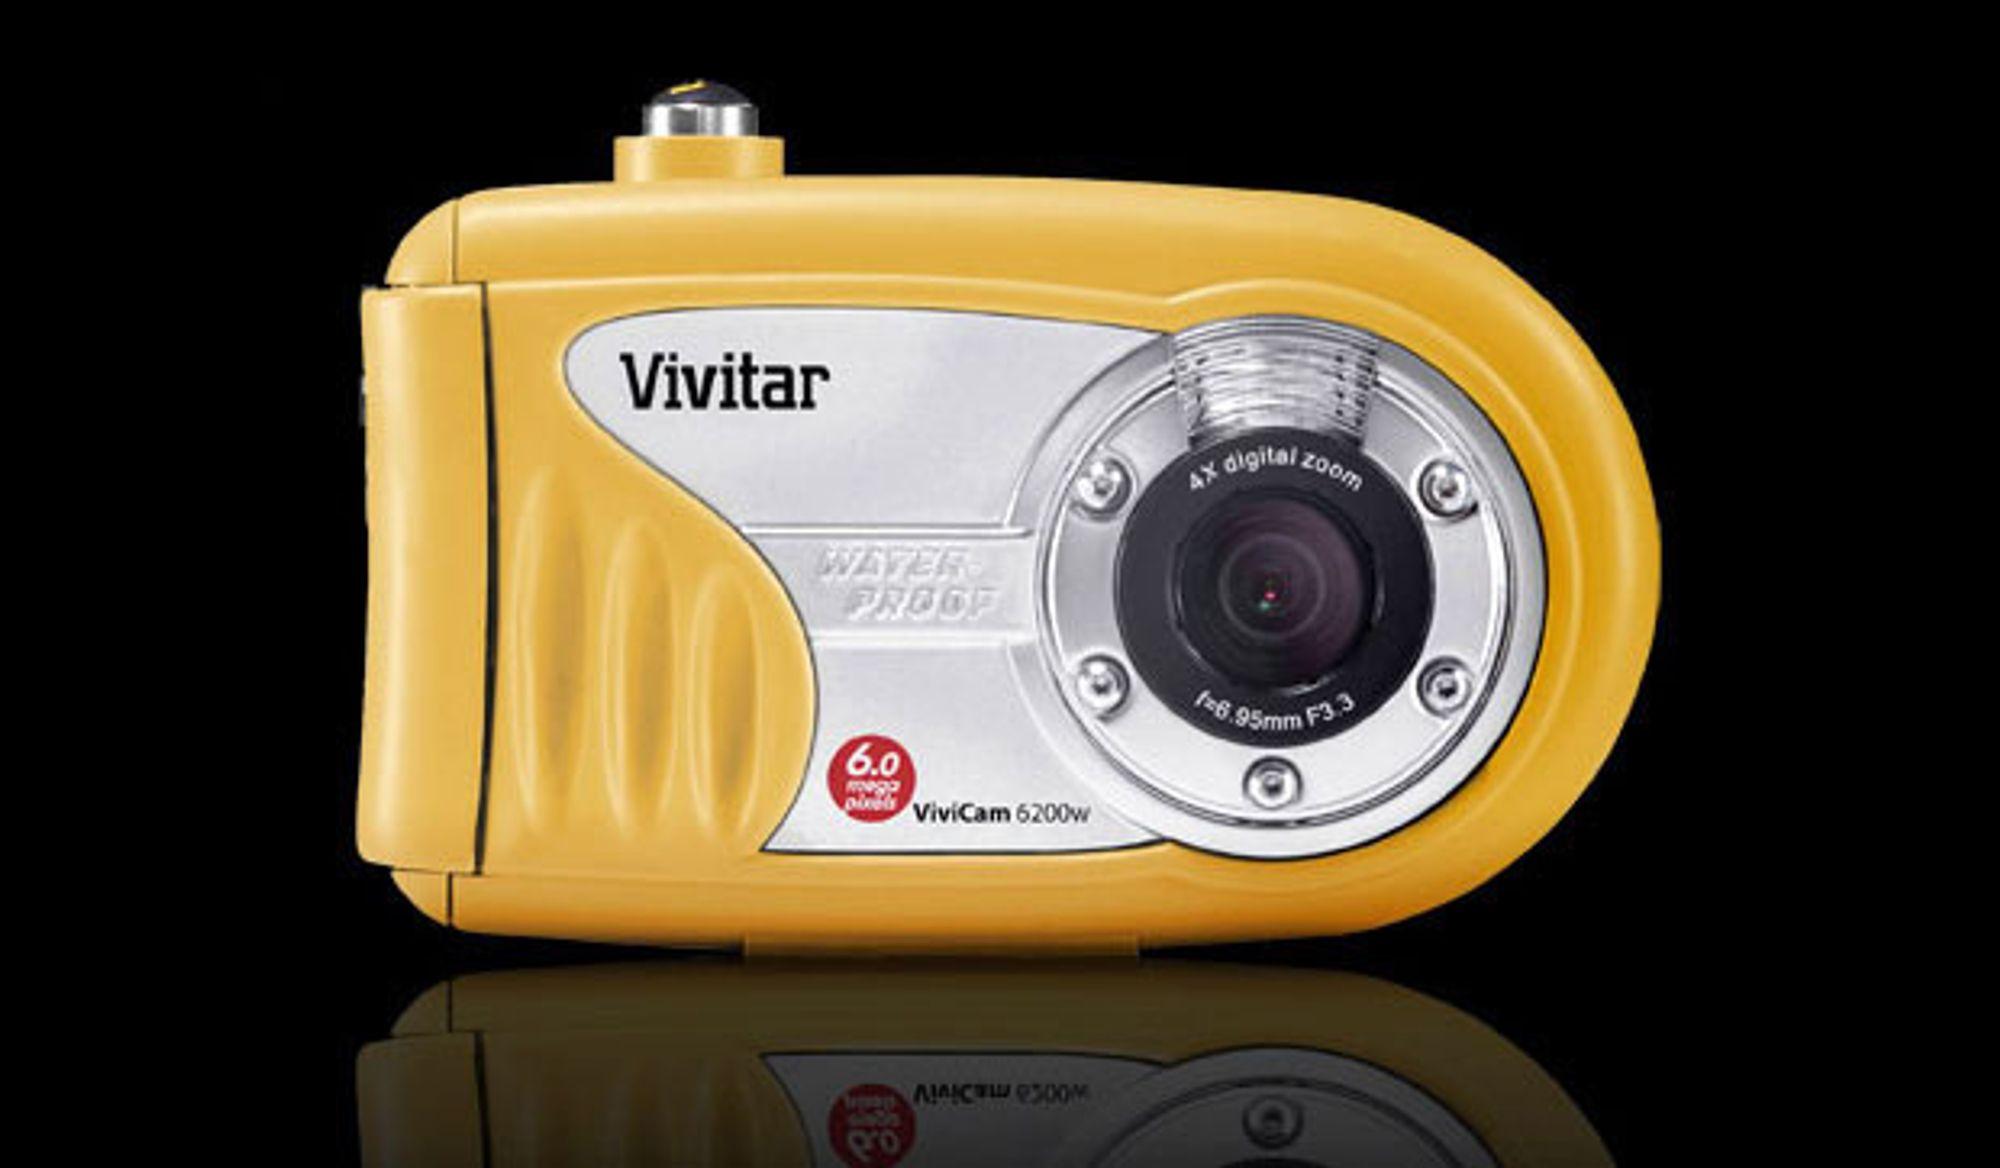 Vivitar Vivicam 6200w. Digitalt kamera til undervannsbruk. Vanntett ned til ti meter.